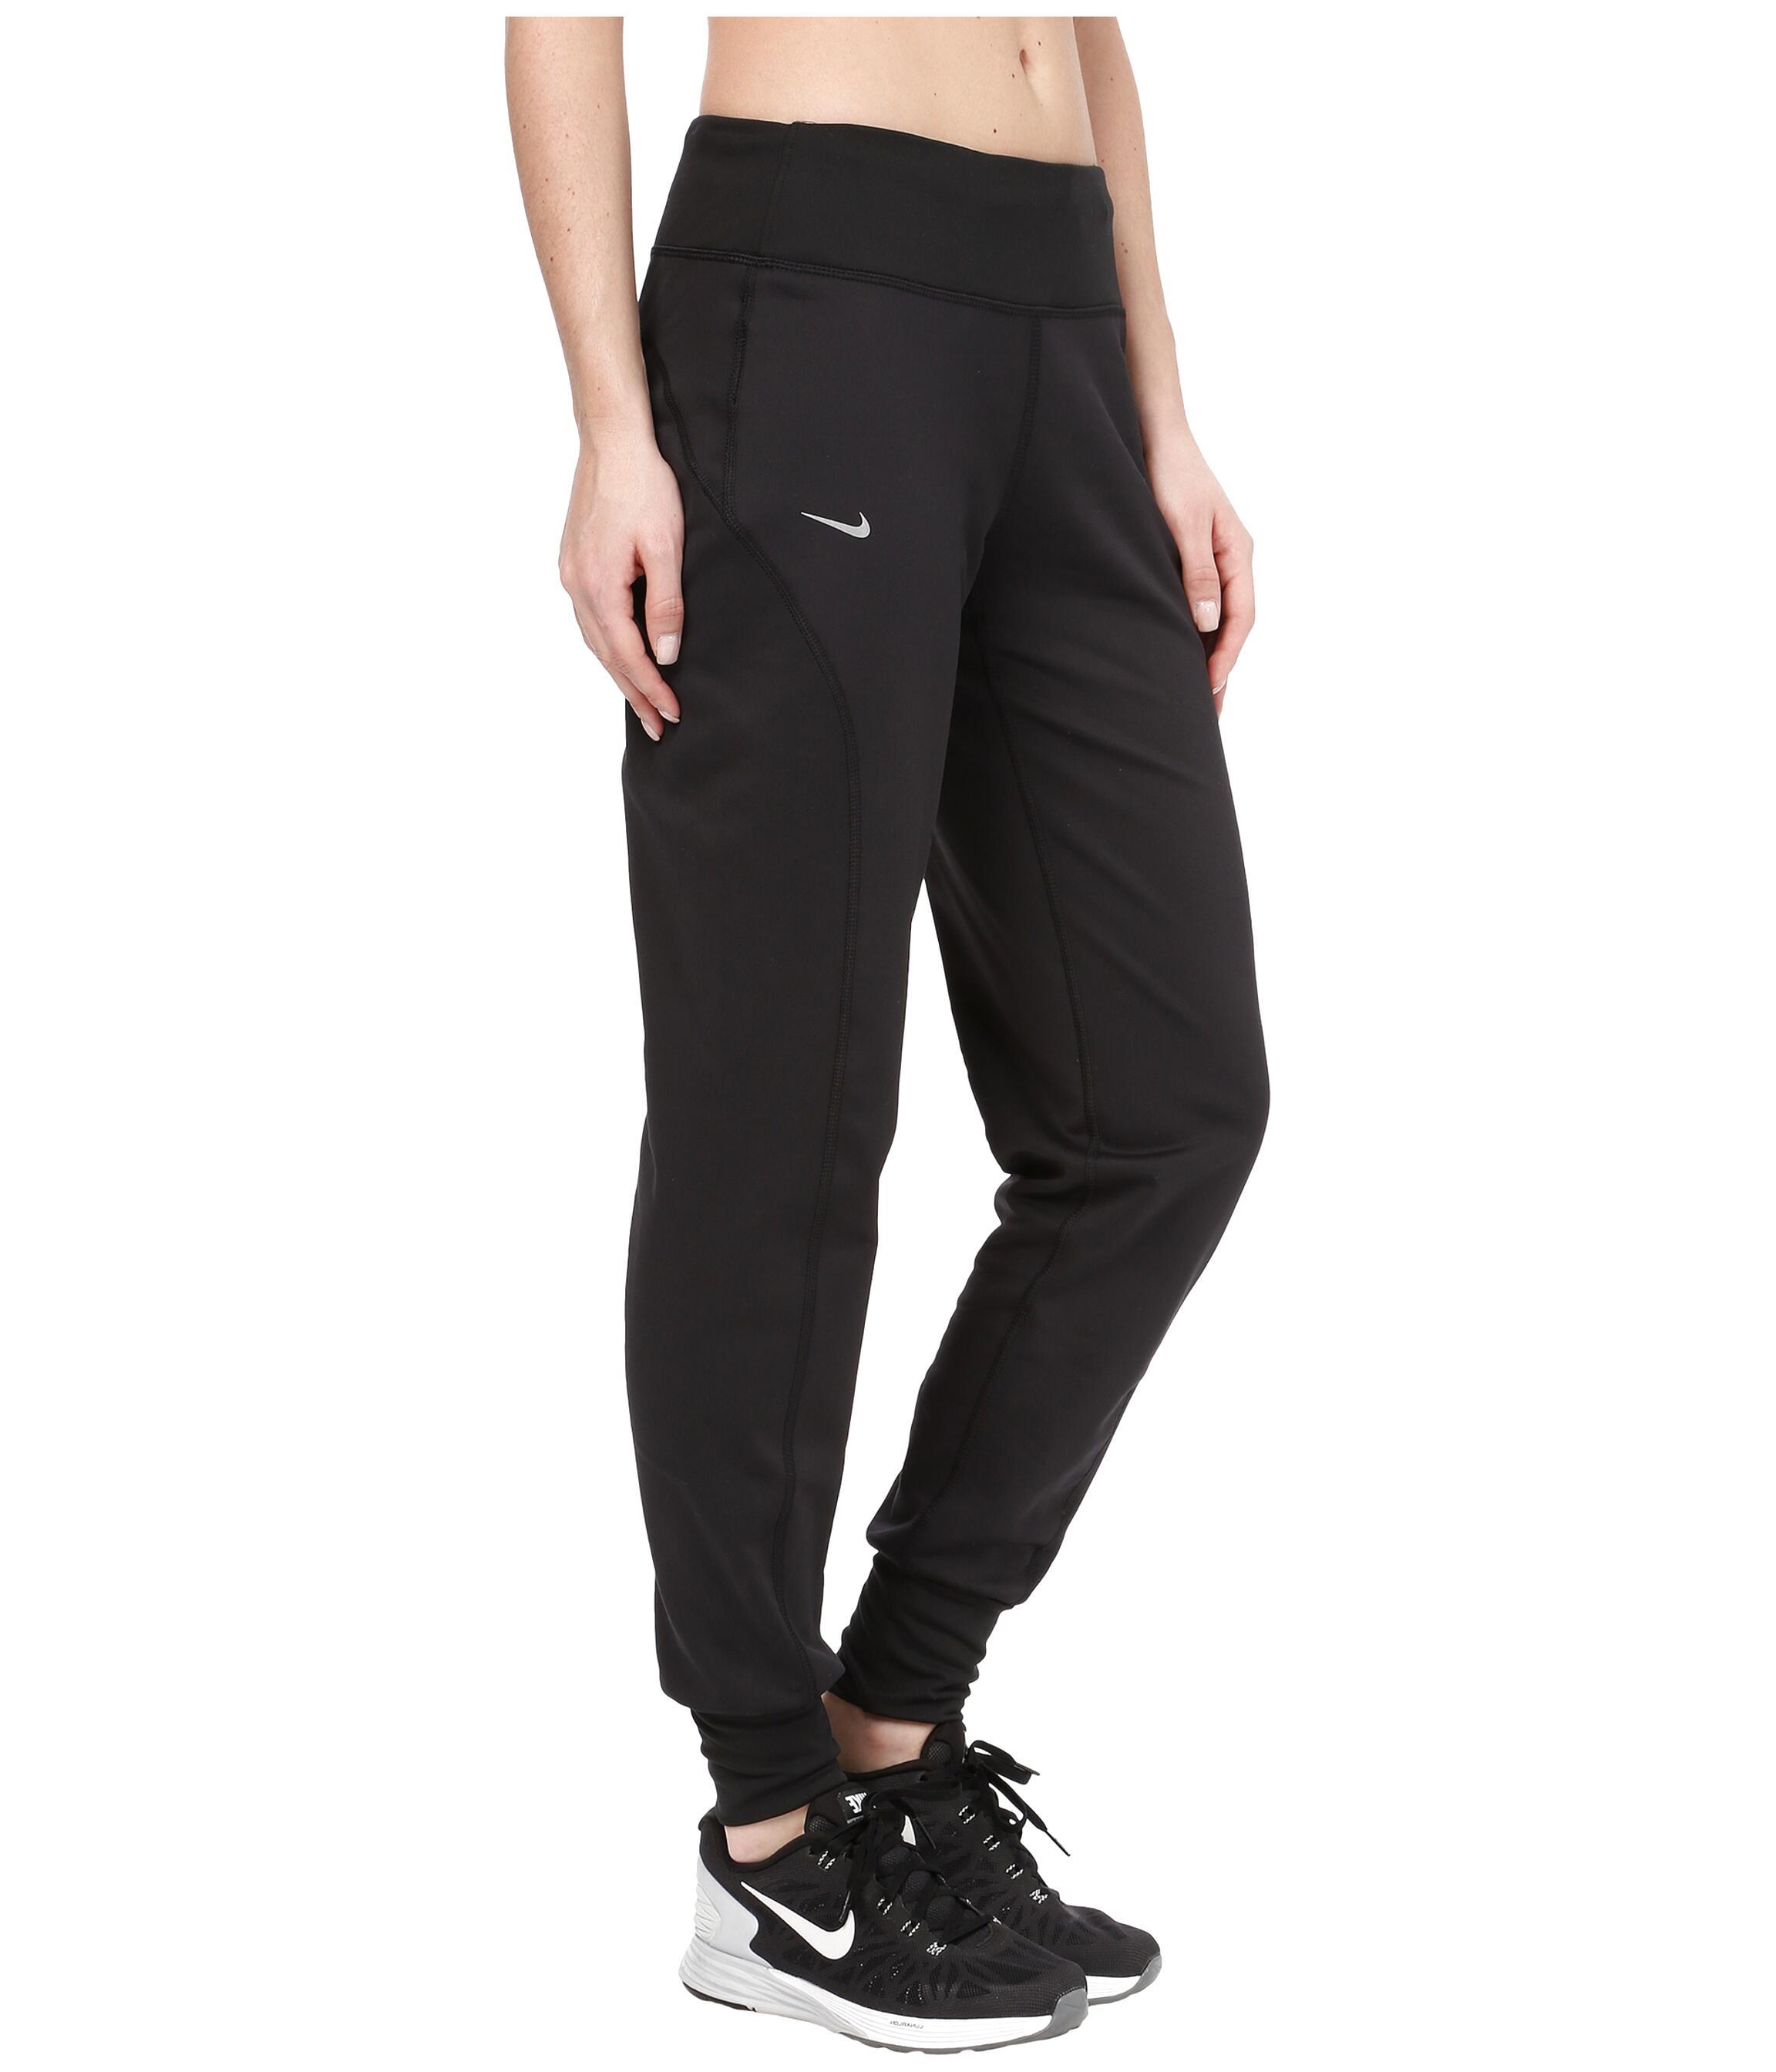 Venta De Pantalon Termico 40 Articulos De Segunda Mano